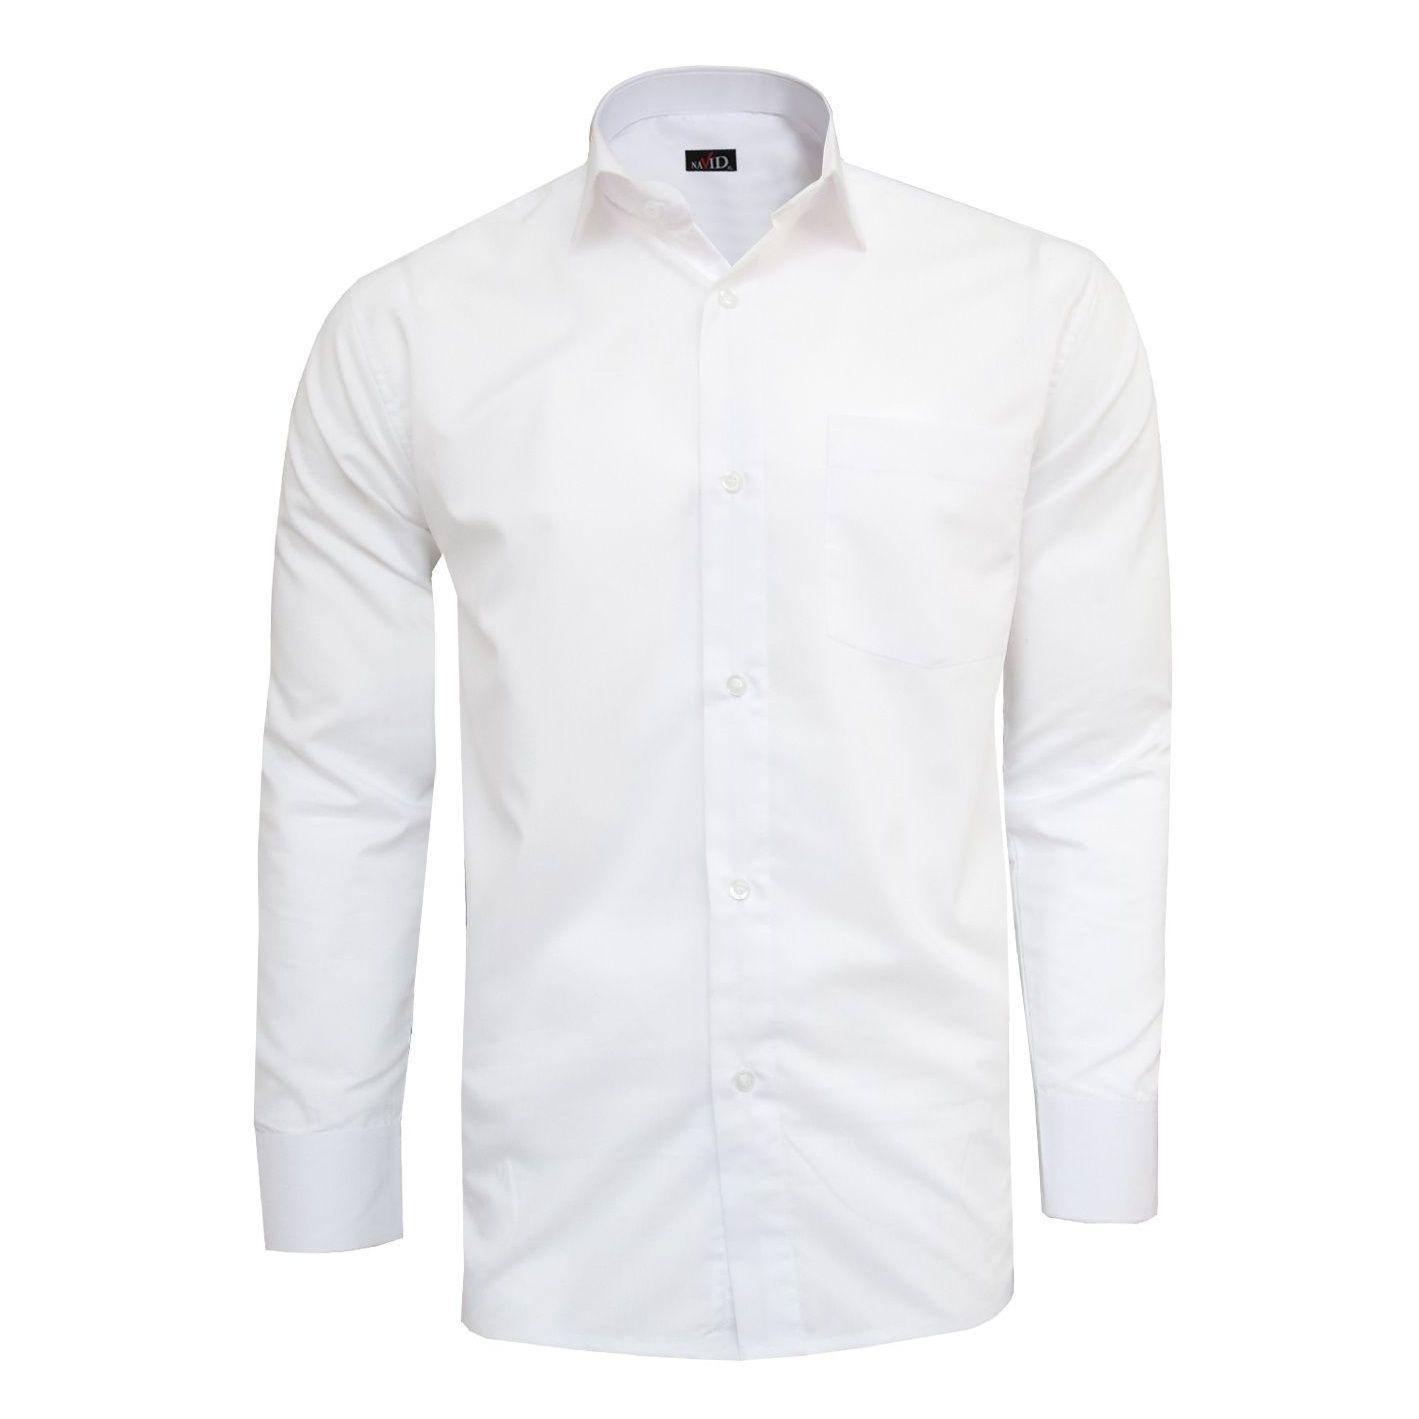 پیراهن مردانه نوید مدل TET-DAK کد 20294 رنگ سفید main 1 1